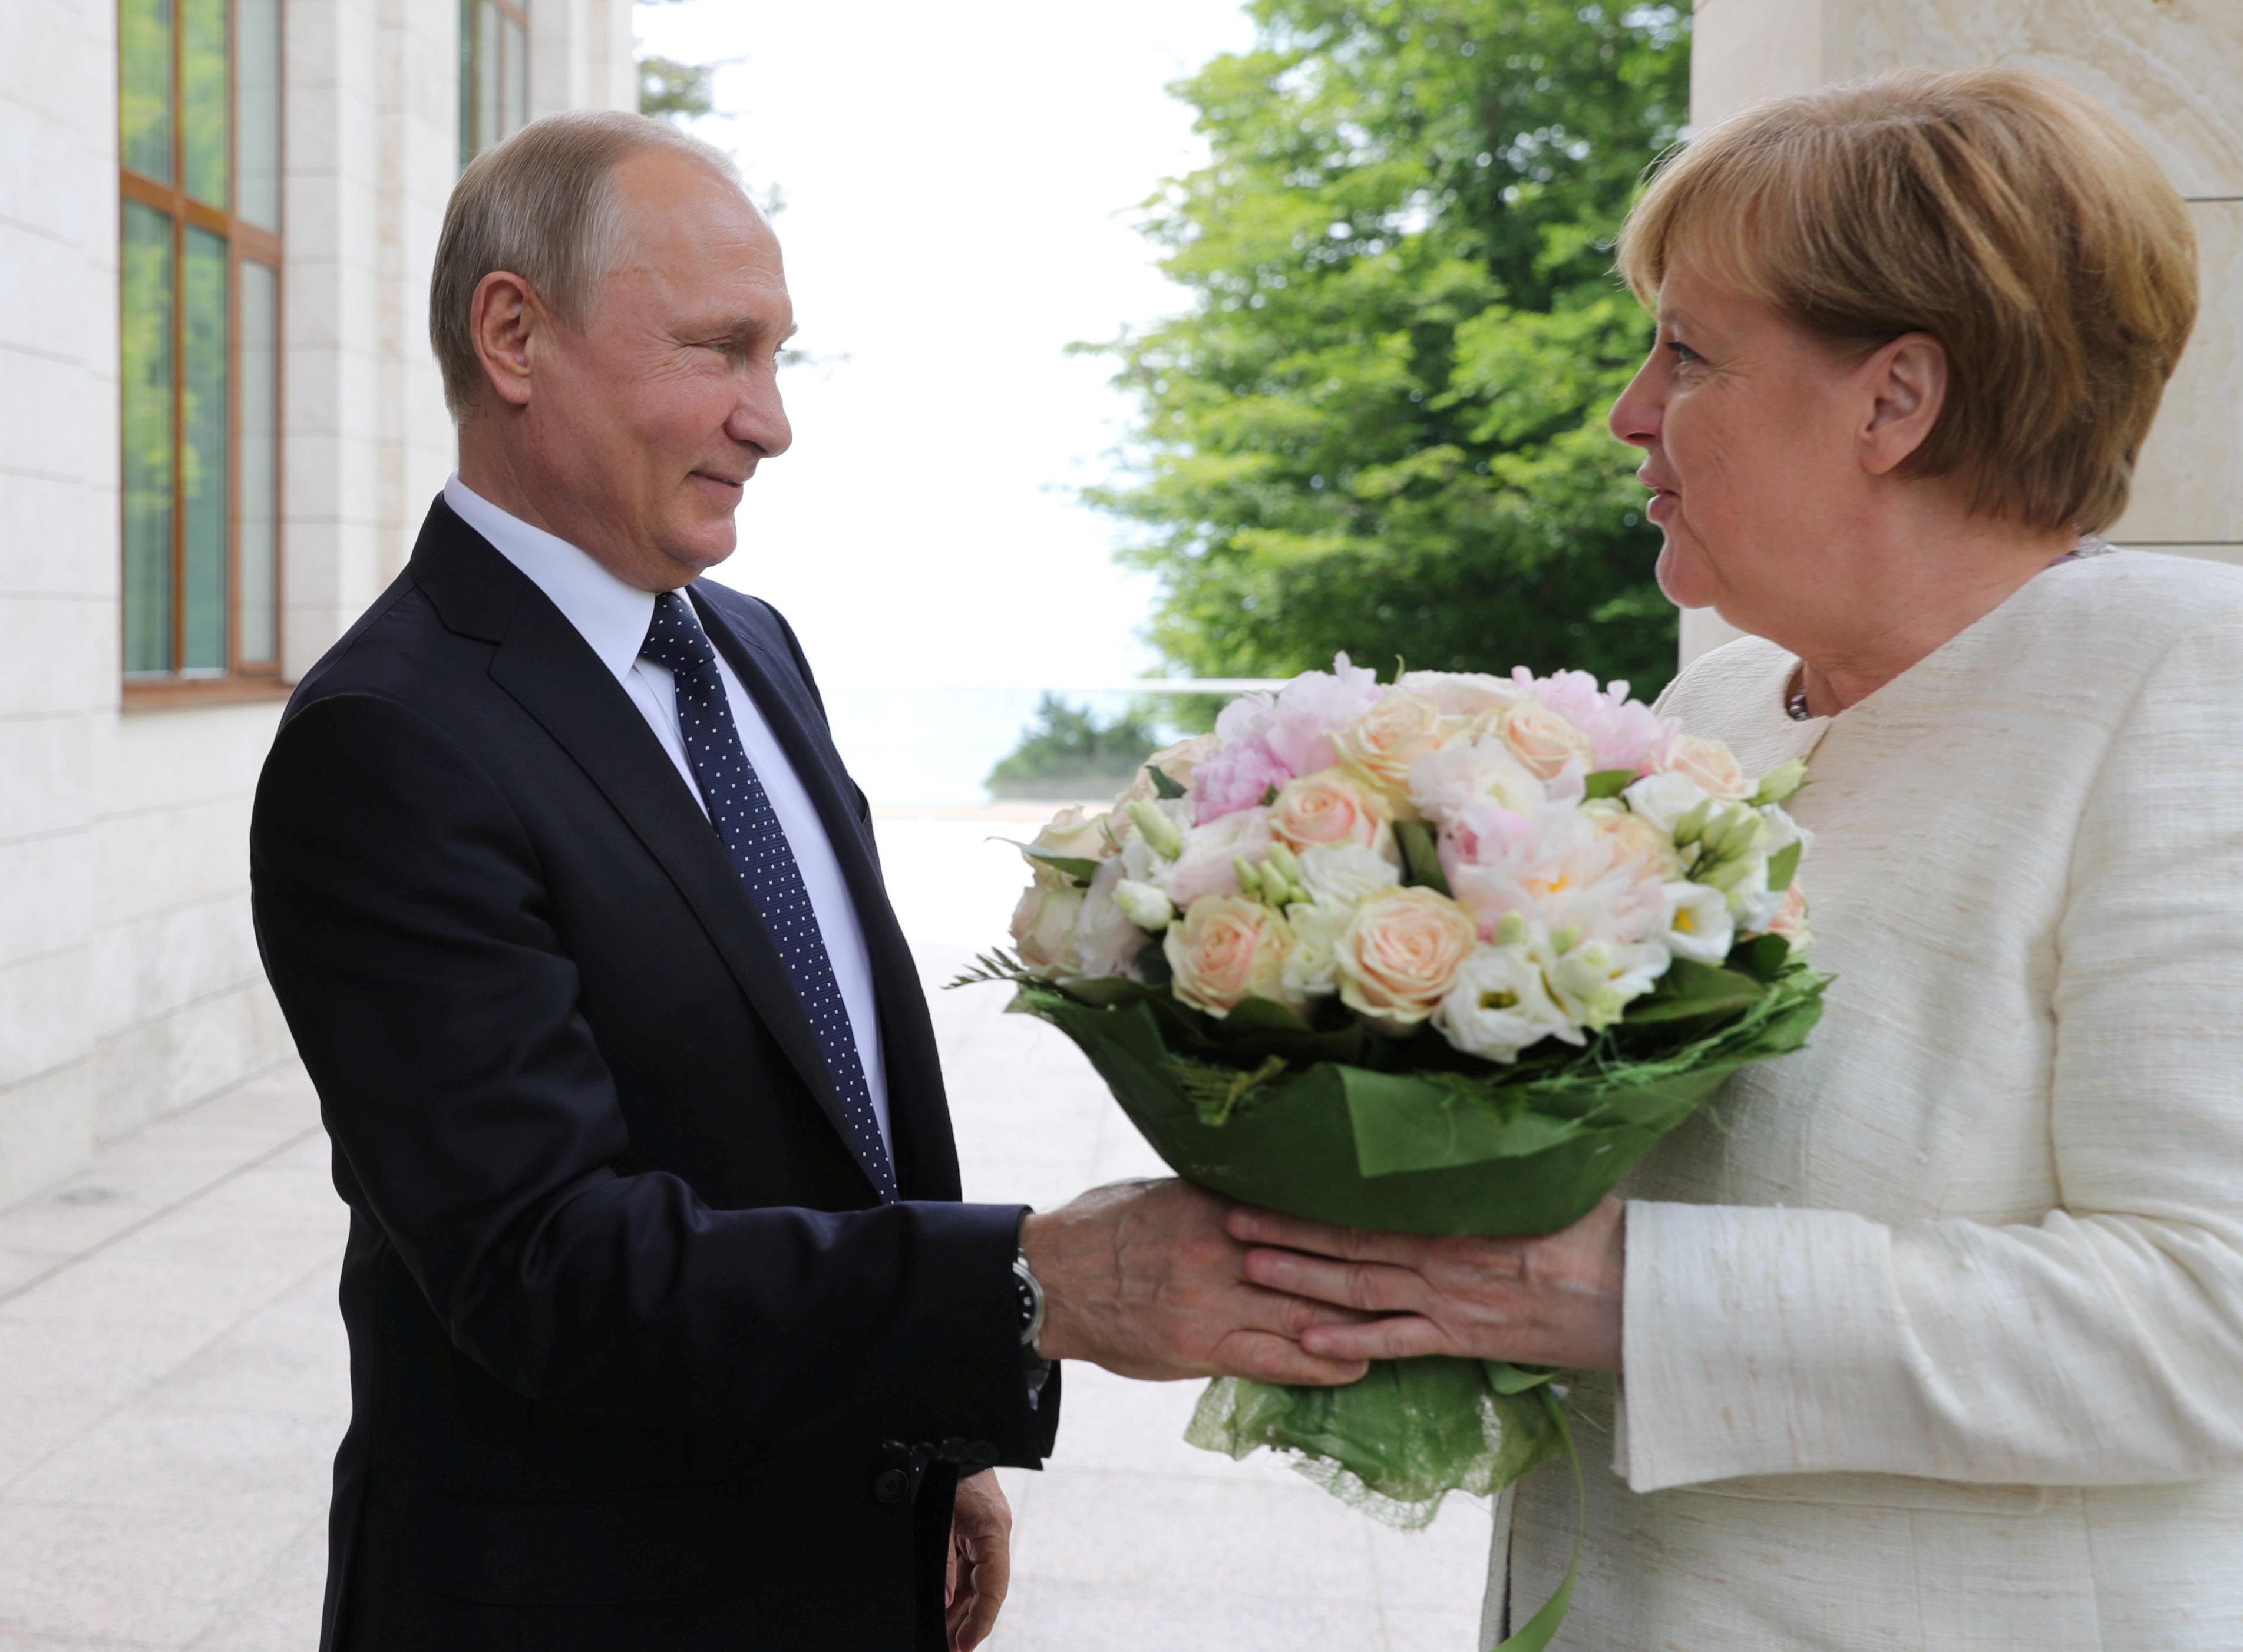 Merkel empfängt Putin: Was die Kanzlerin wirklich von dem russischen Autokraten